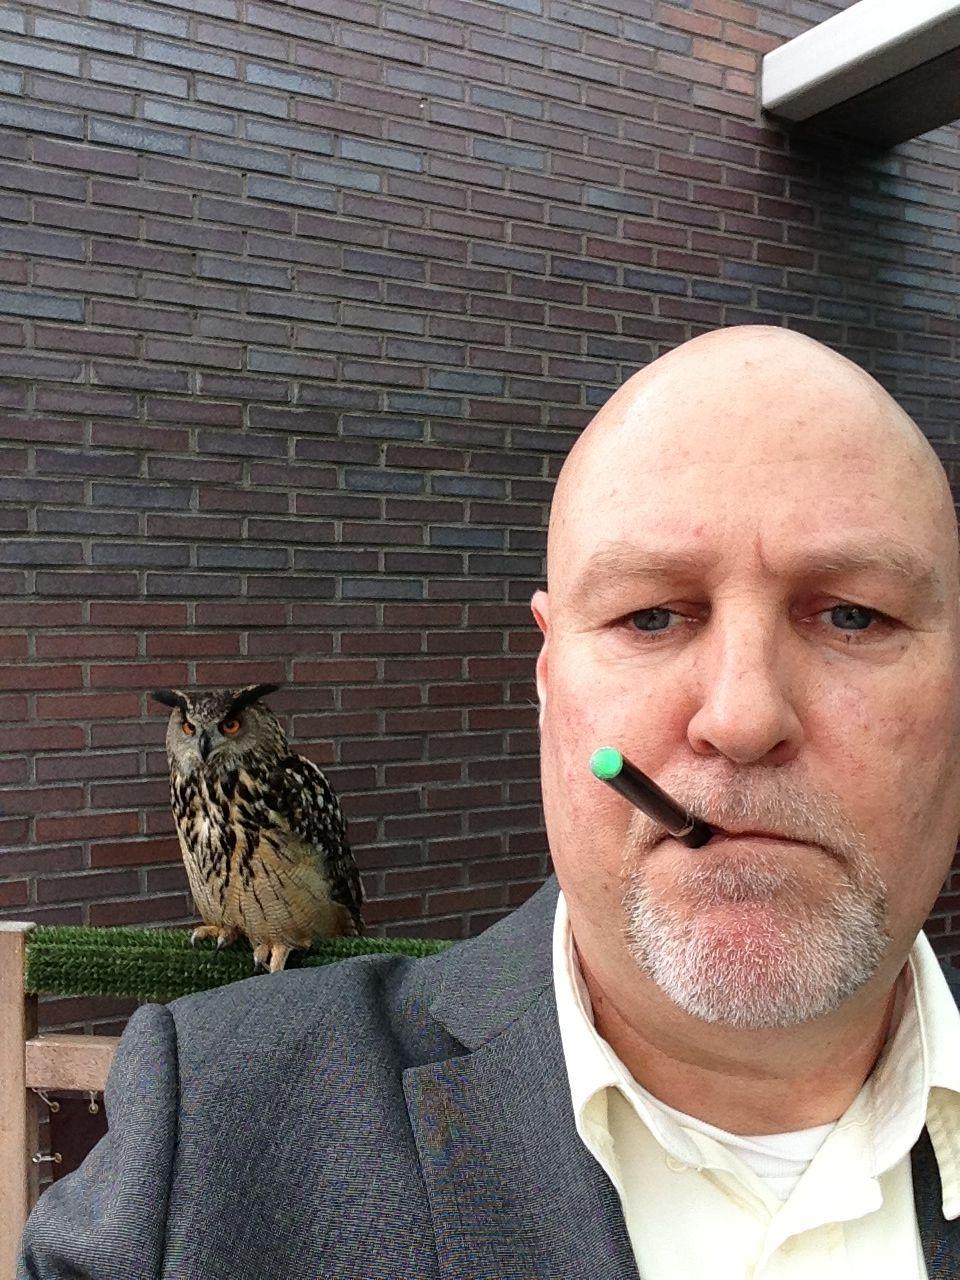 Zelfs roofvogels met hun scherpe zintuigen ondervinden geen enkele hinder van een roker van een elektronische sigaret